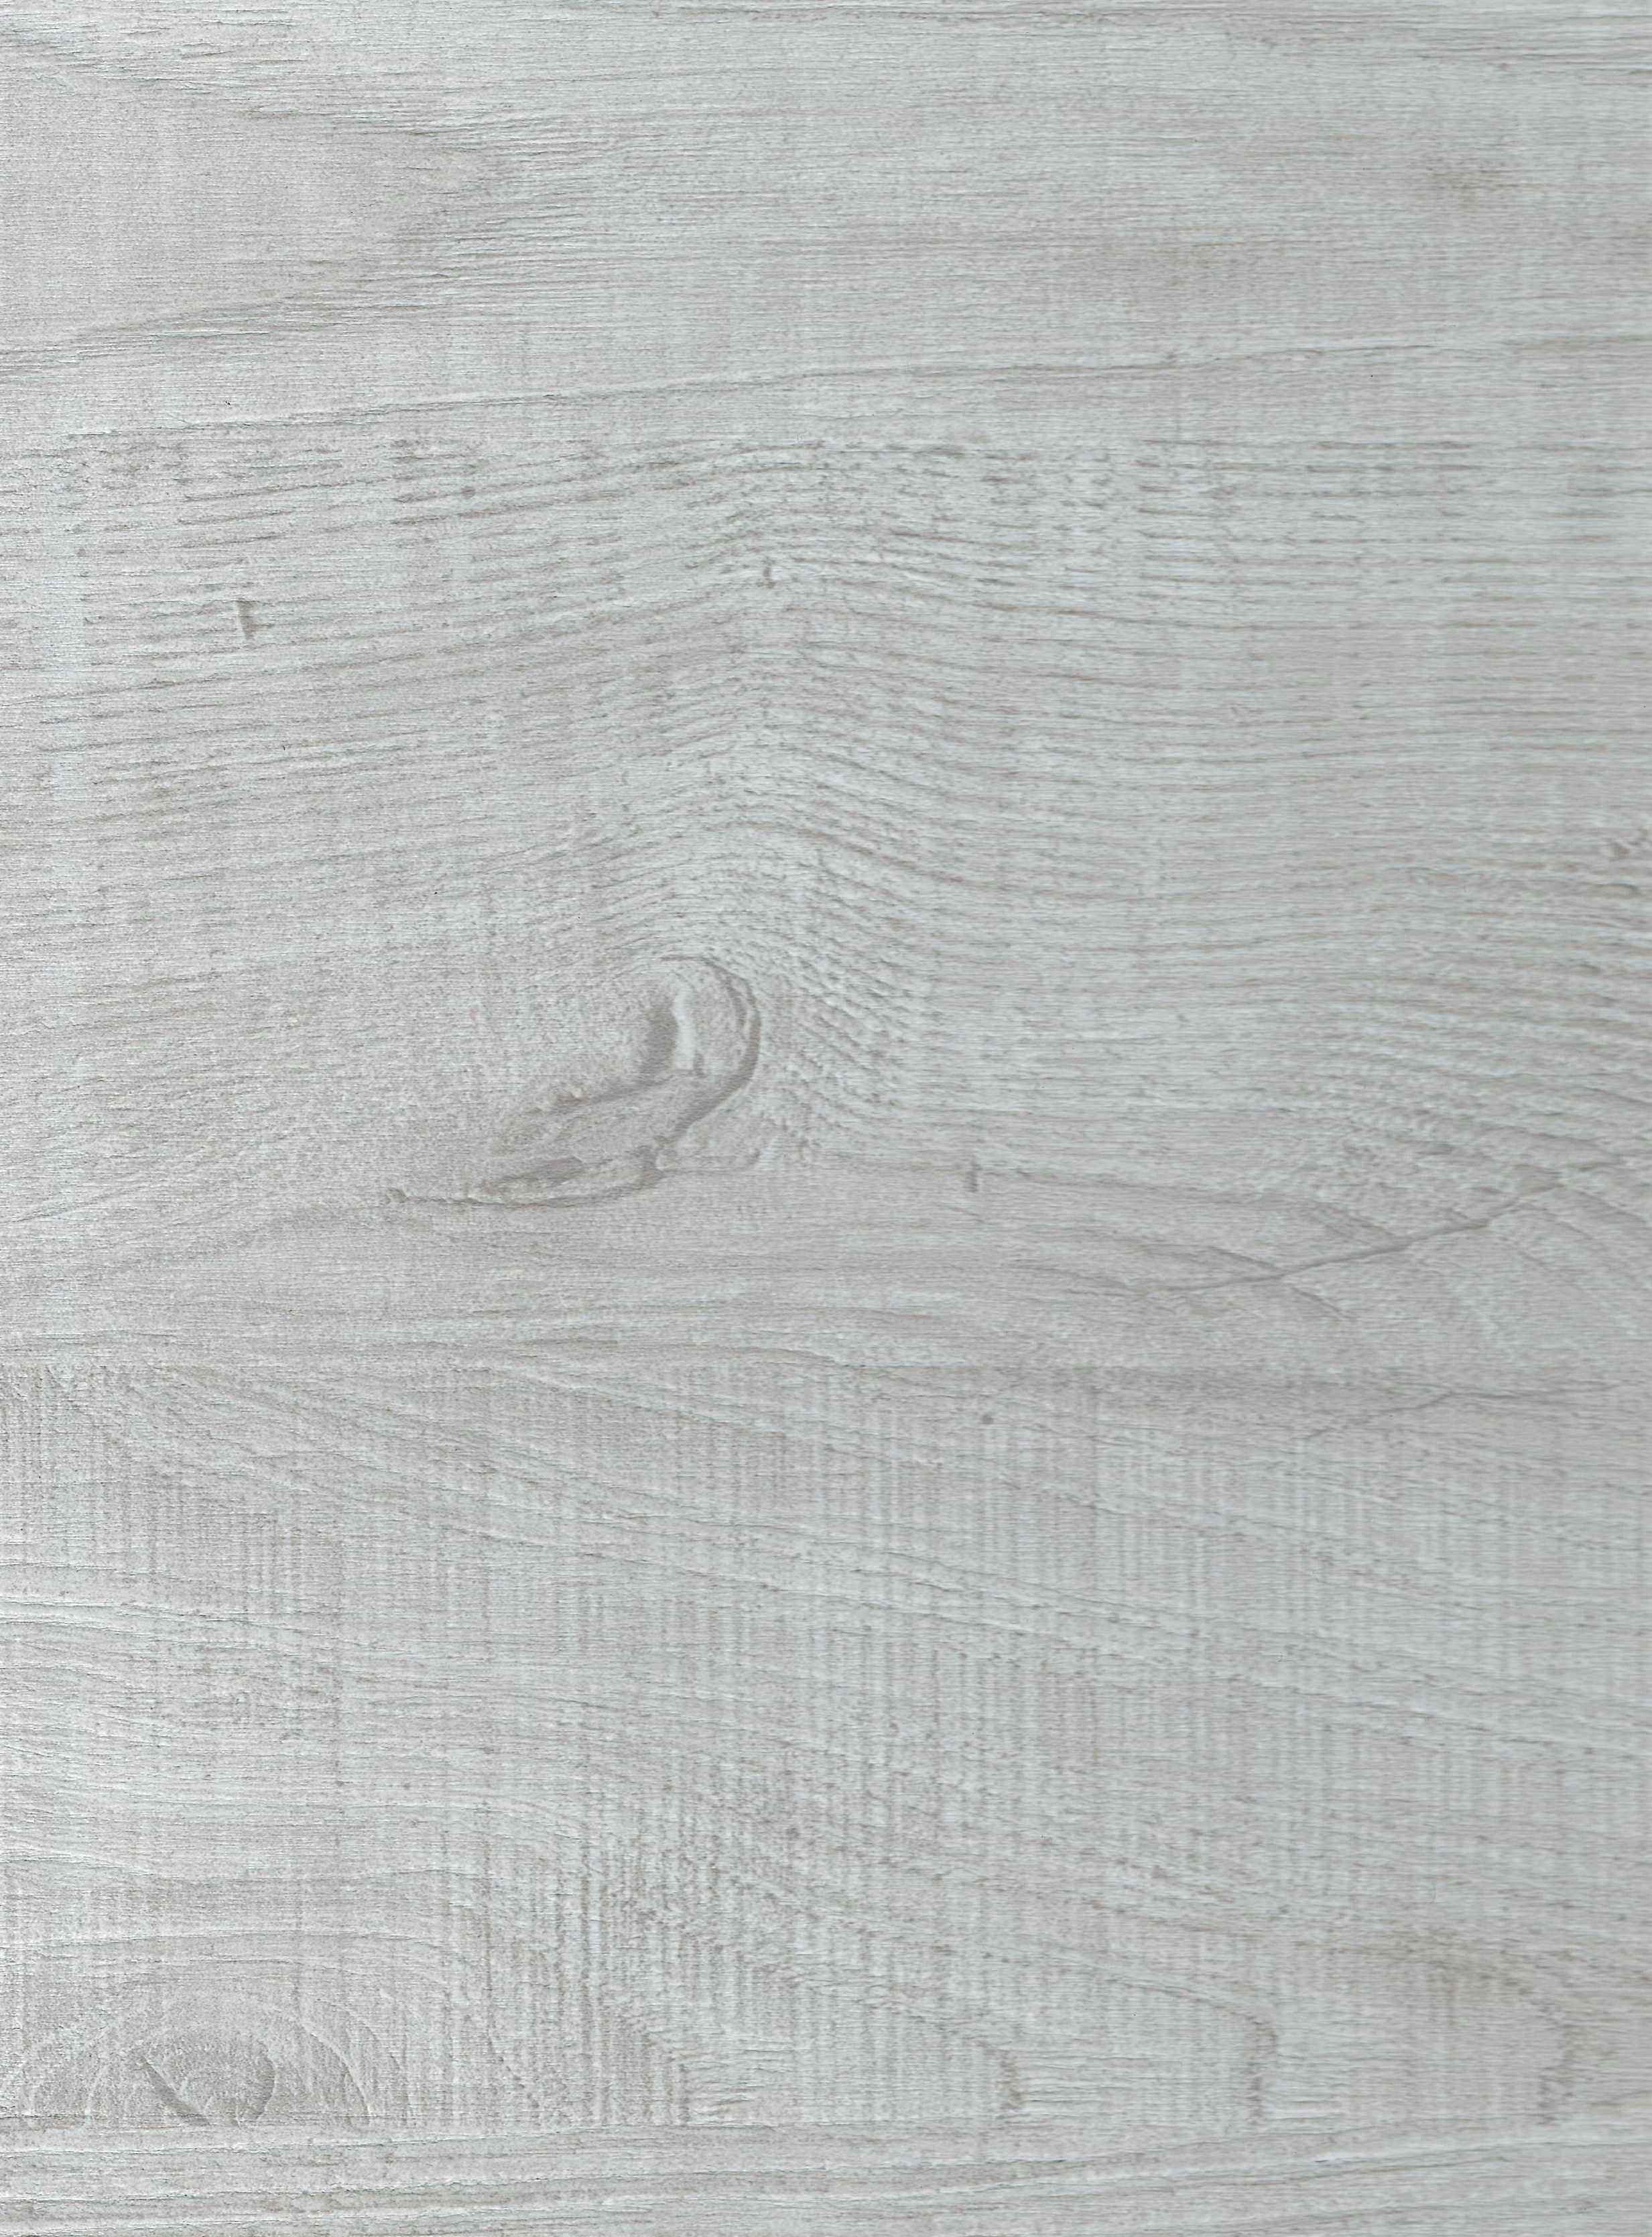 S074-Sterwood Seta plus Kraft